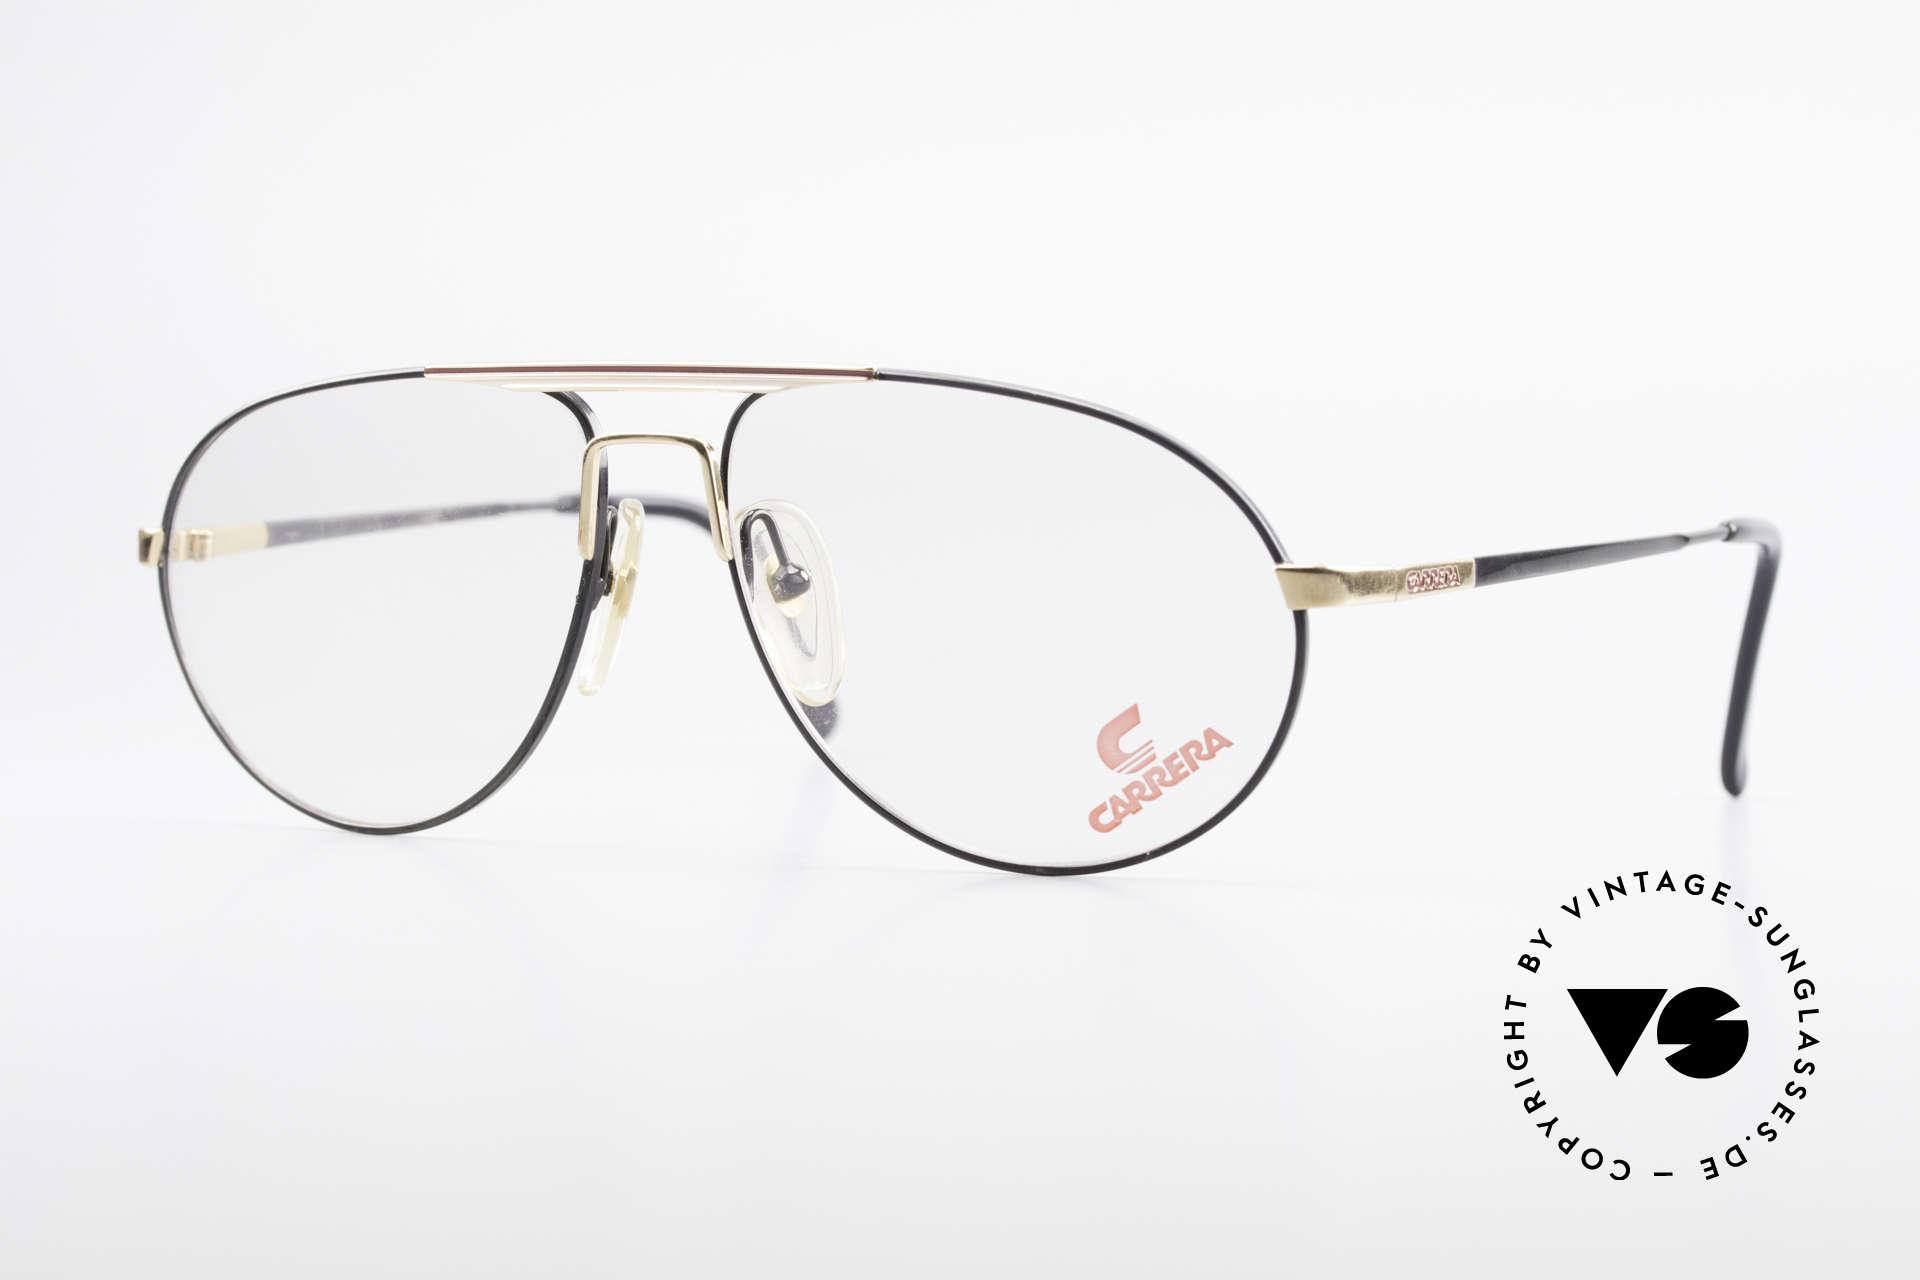 Carrera 5340 Vintage Aviator Brille No Retro, sehr interessante vintage Carrera Aviator Brille, Passend für Herren